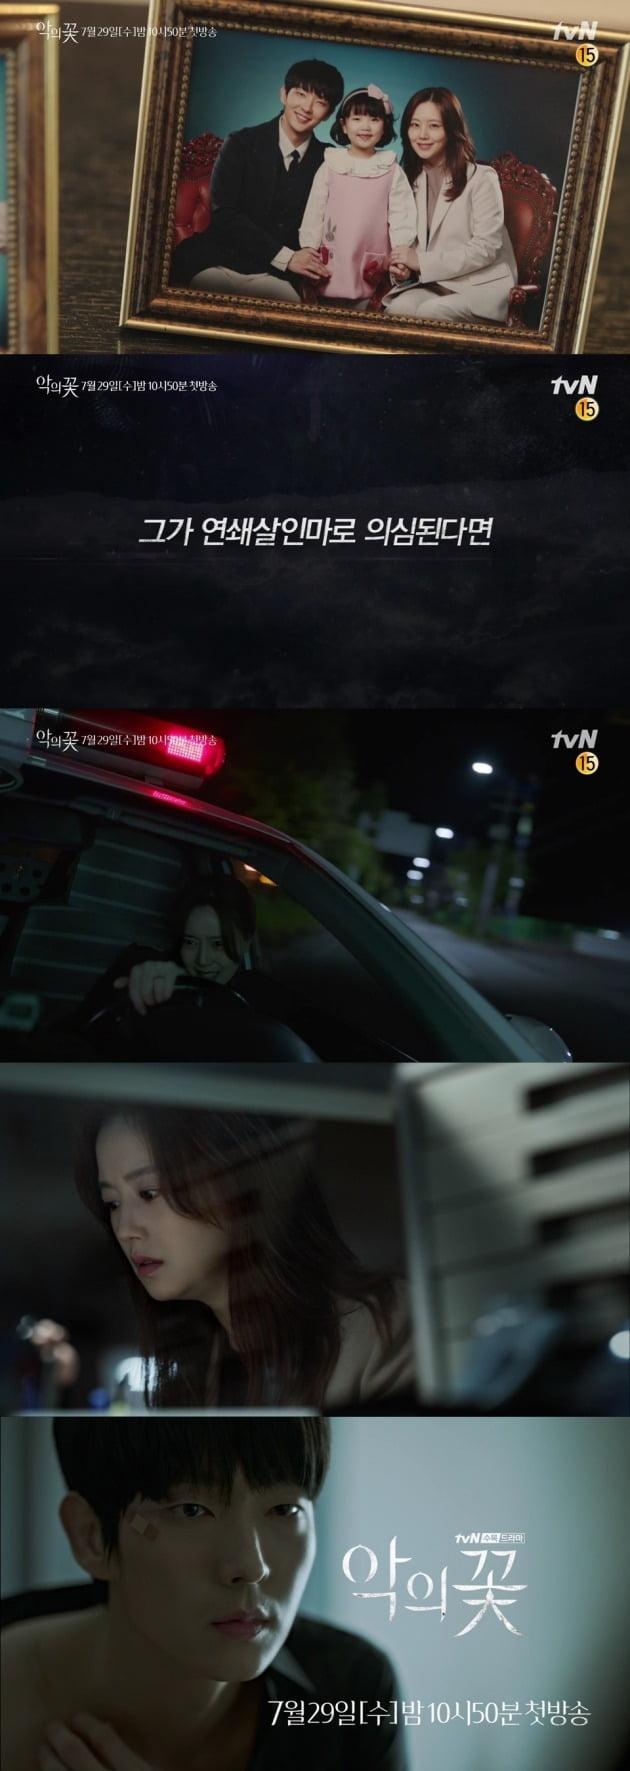 '악의 꽃' 트레일러 영상이 공개됐다. / 사진=tvN '악의 꽃' 트레일러 영상 캡처